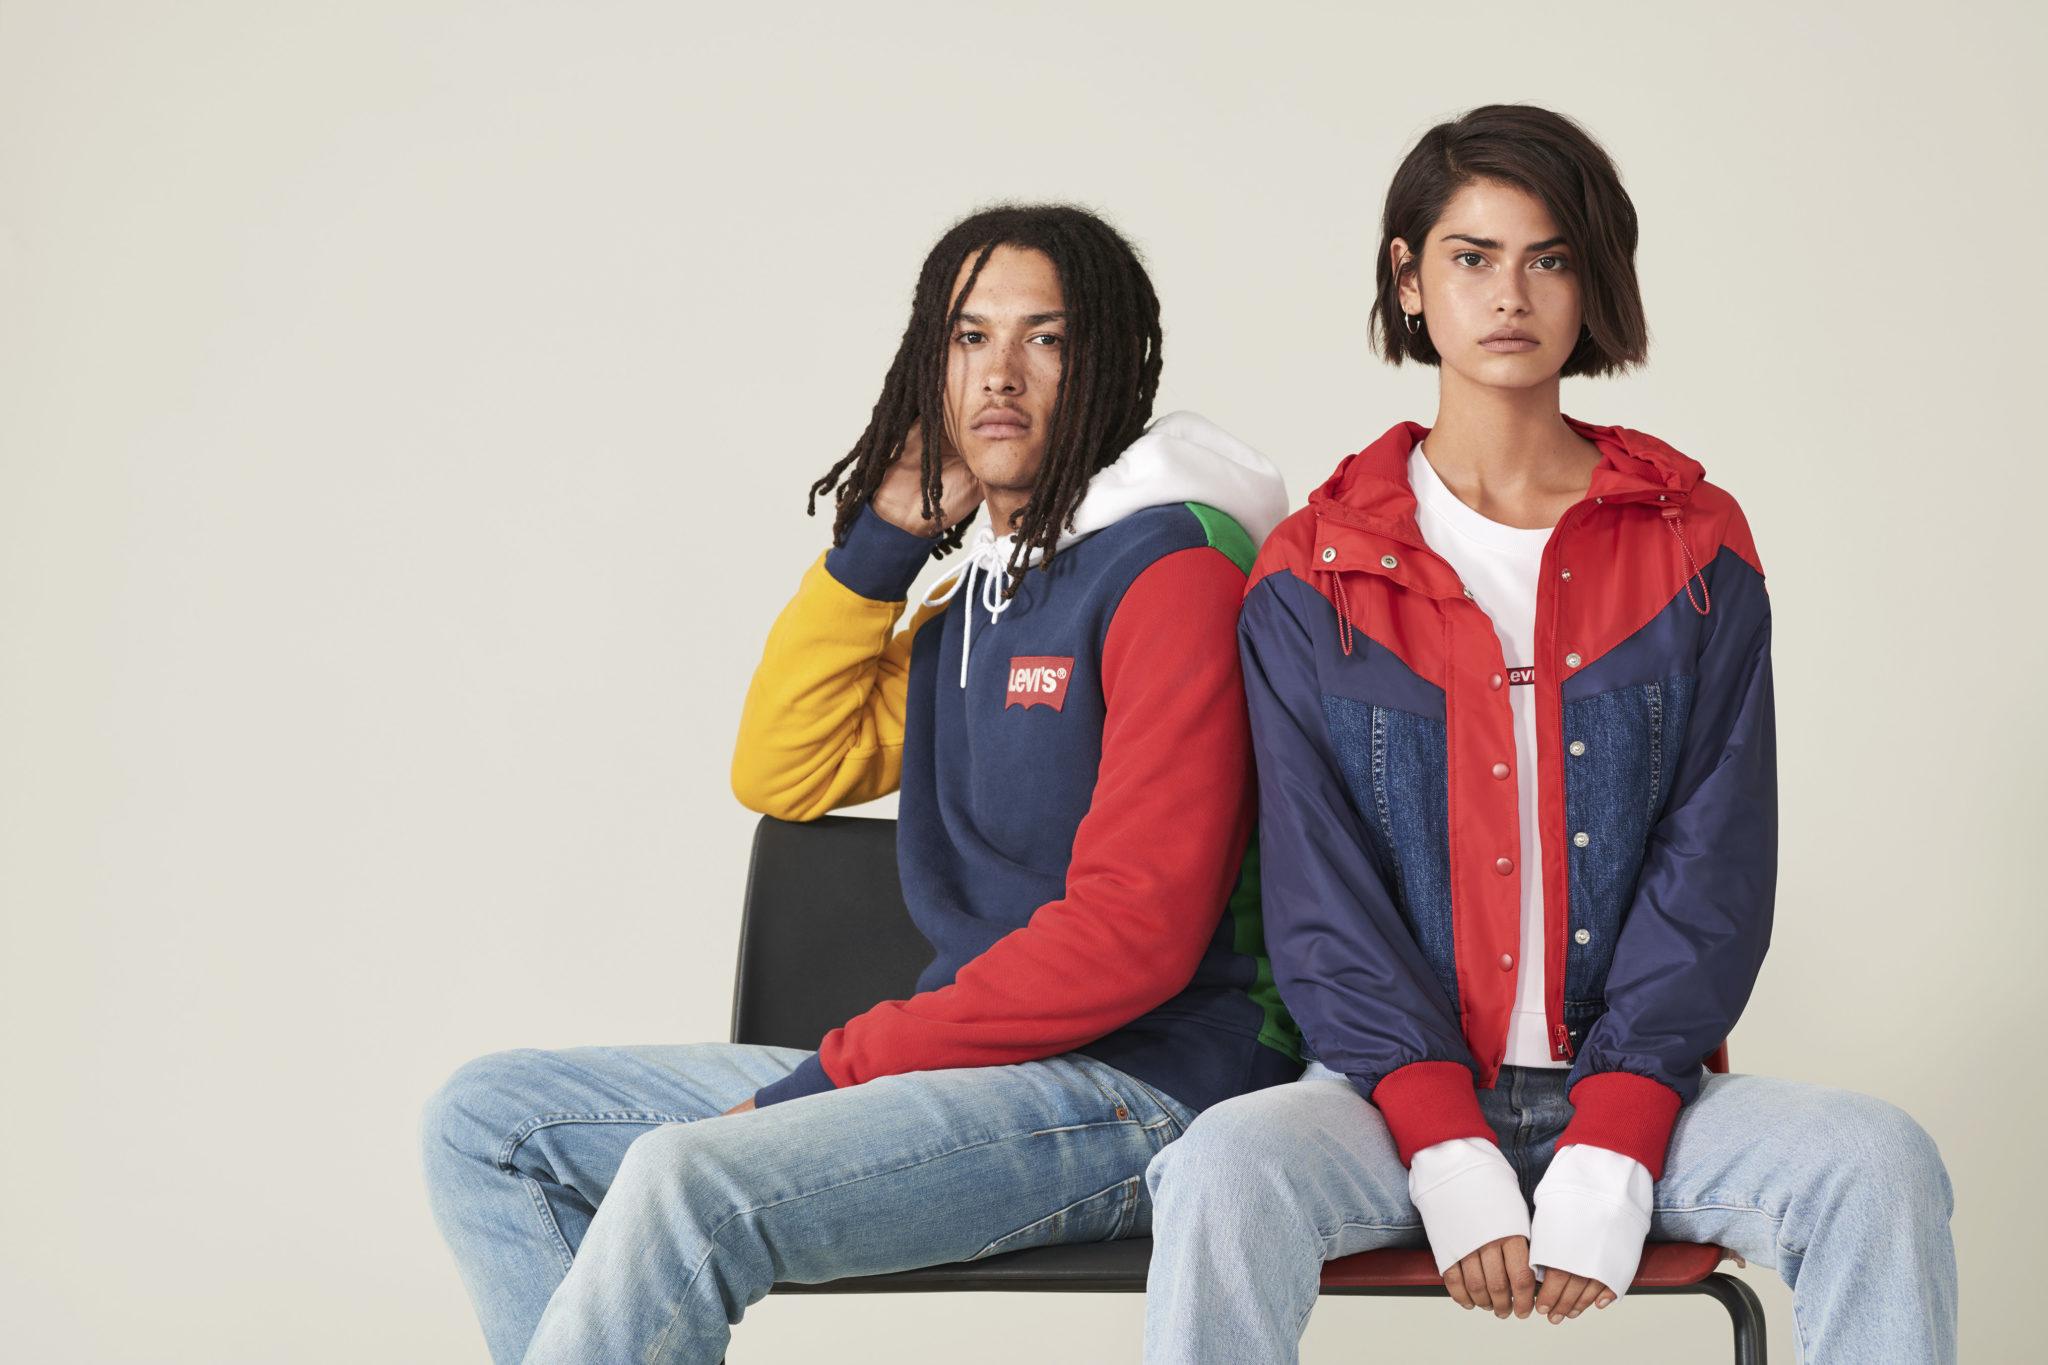 Chłopak i dziewczyna ubrani w kurtki Levi's